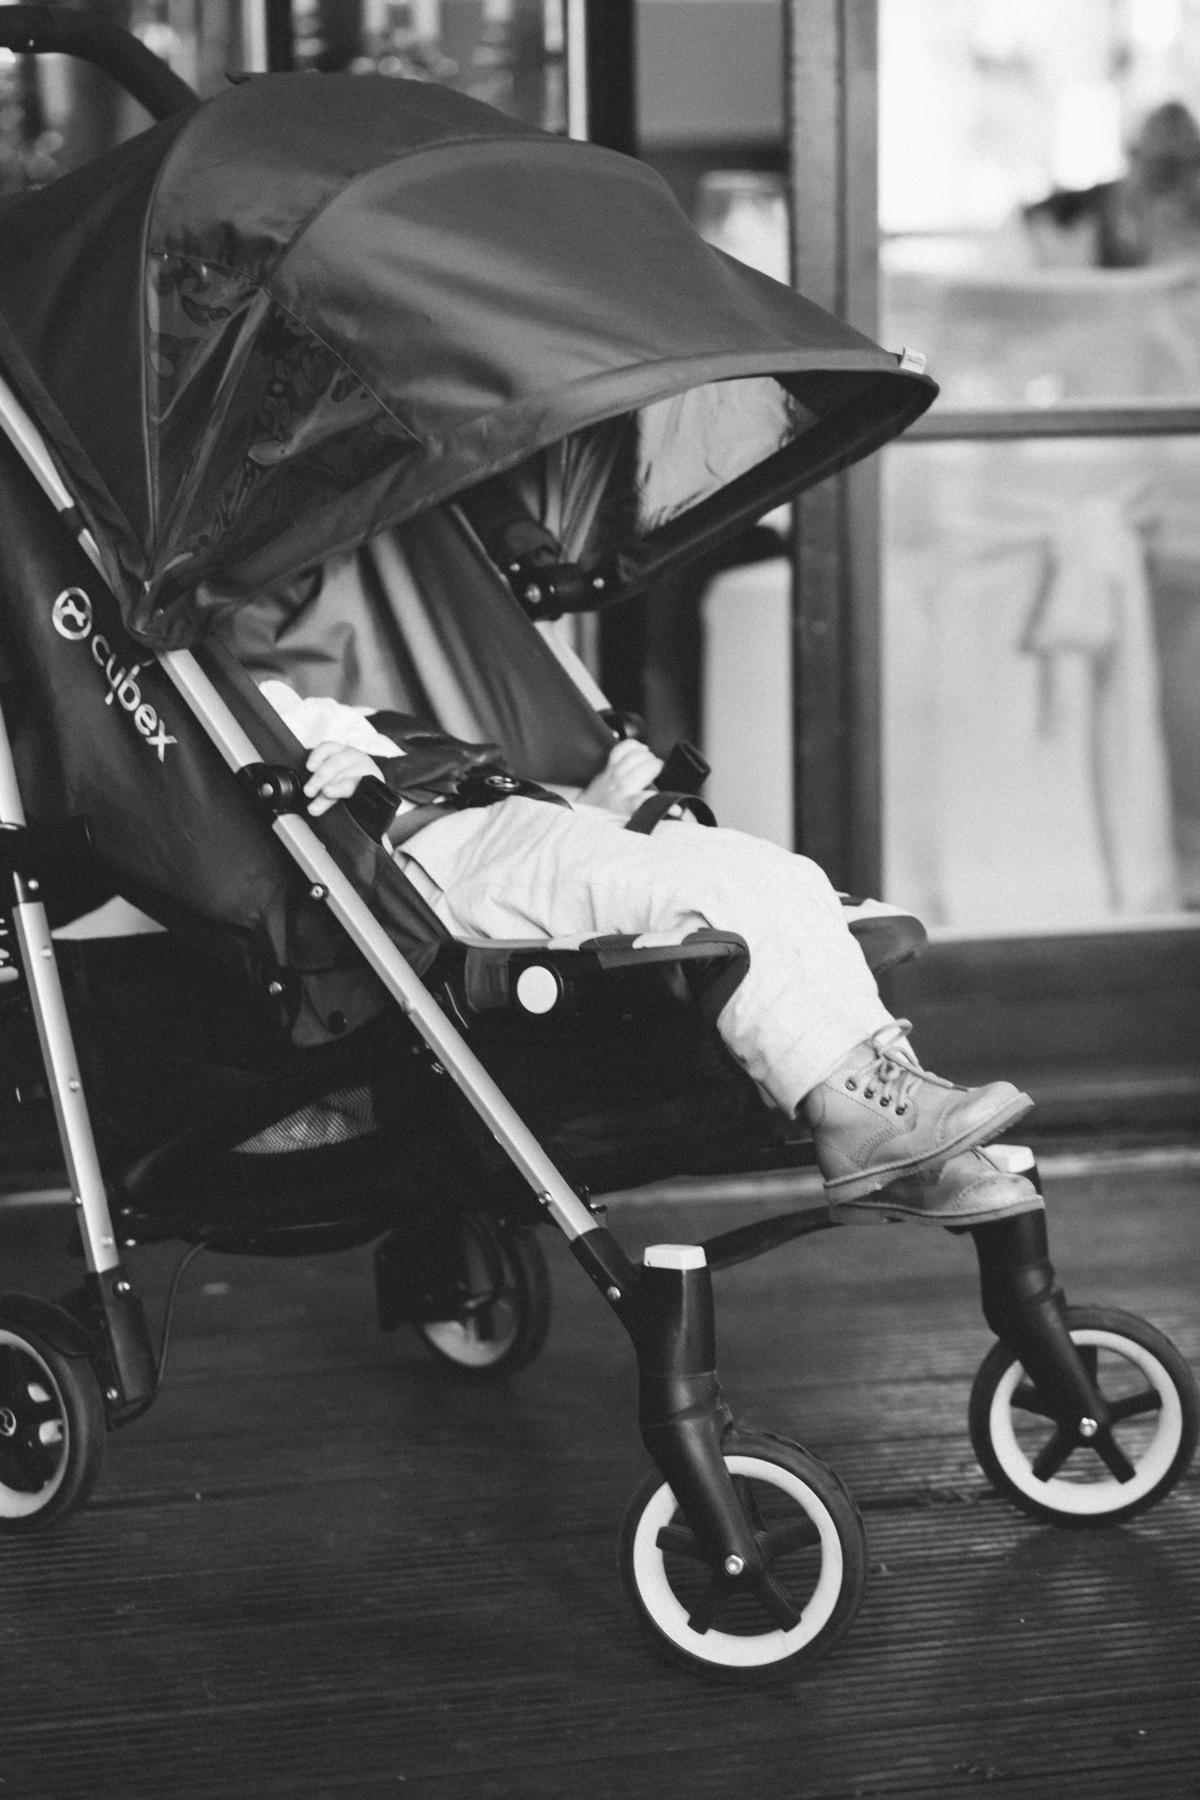 Kind schläft im Buggy bei Hochzeitsfeier in Berlin